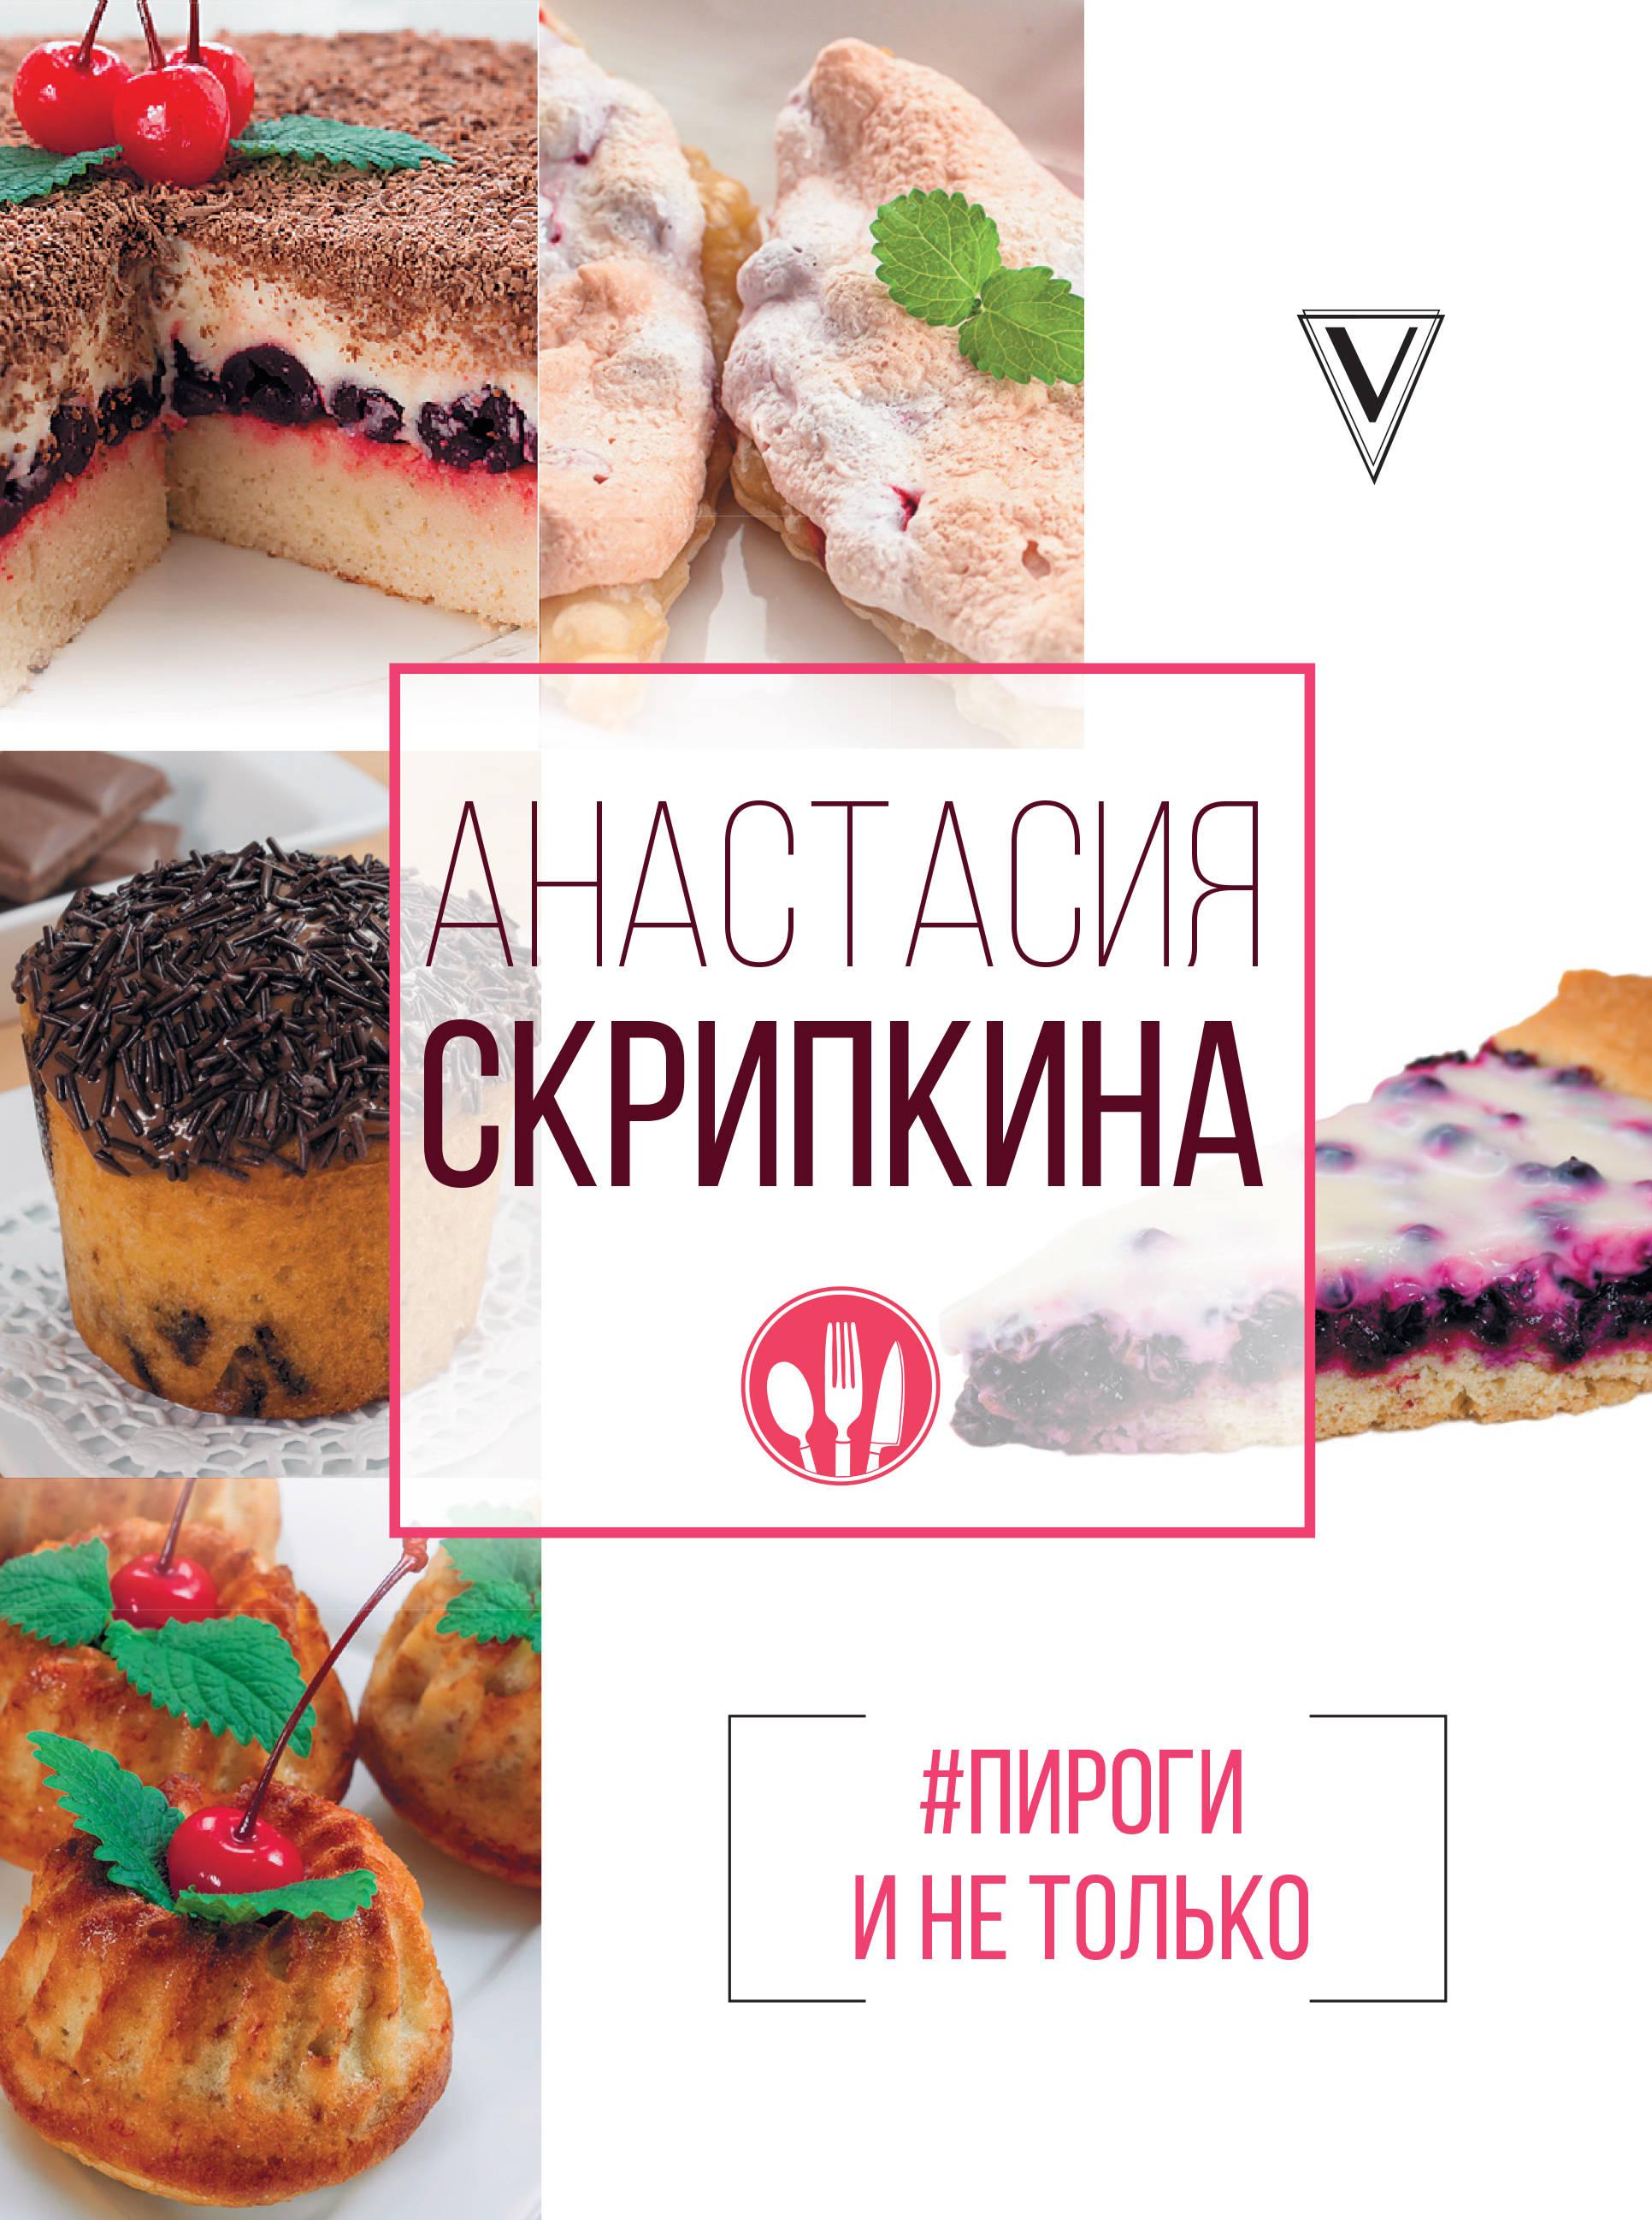 Скрипкина А.Ю. #Пироги и не только ISBN: 978-5-17-105563-9 анастасия скрипкина выпечка 350 пошаговых фотографий